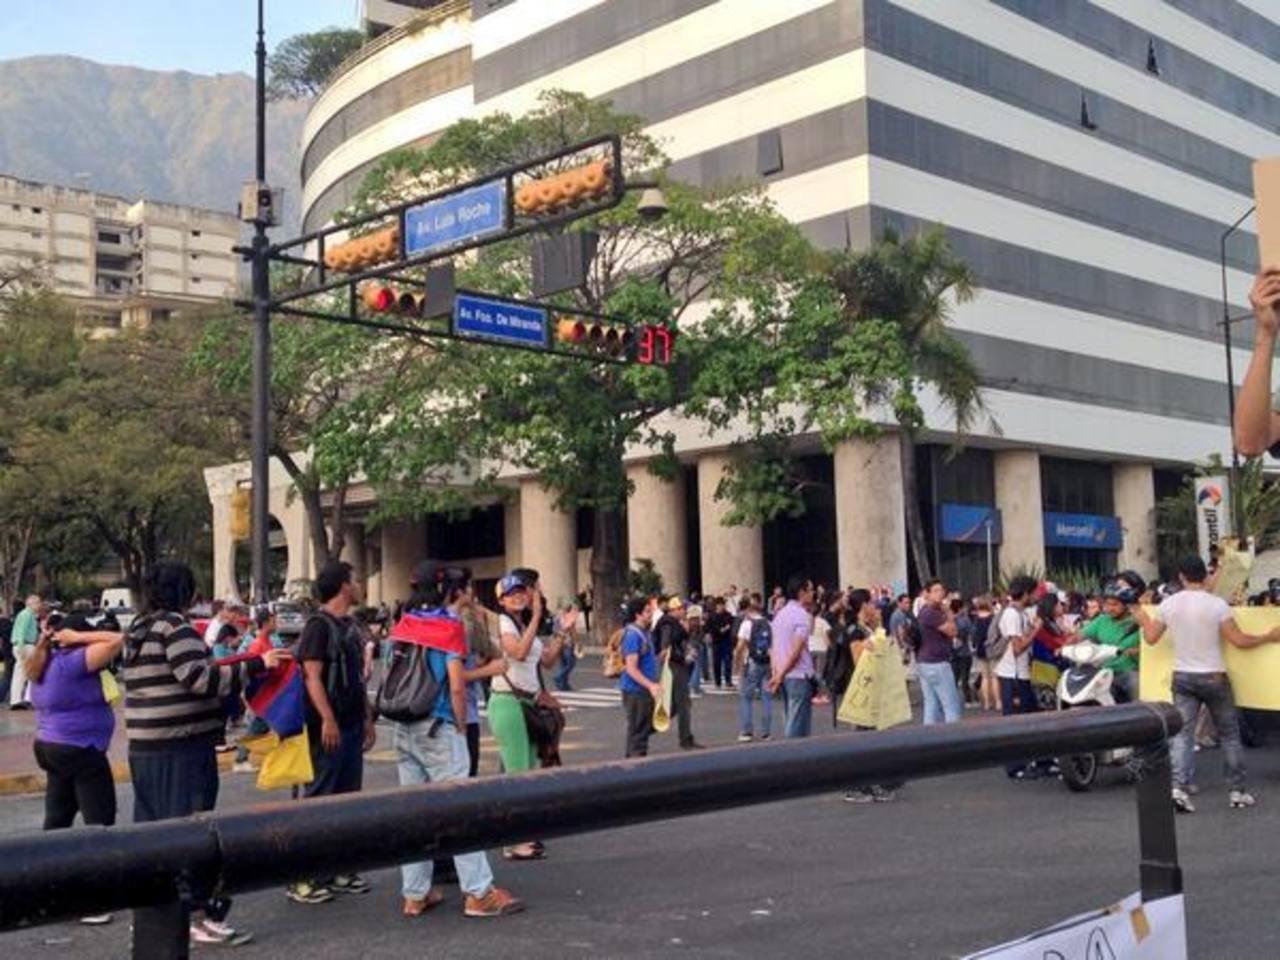 Protesta pacífica ayer en la plaza Altamira, municipio Chacao. Recientemente, esta zona fue tomada por un operativo de la Guardia Nacional, para evitar manifestaciones. Foto edh / internet